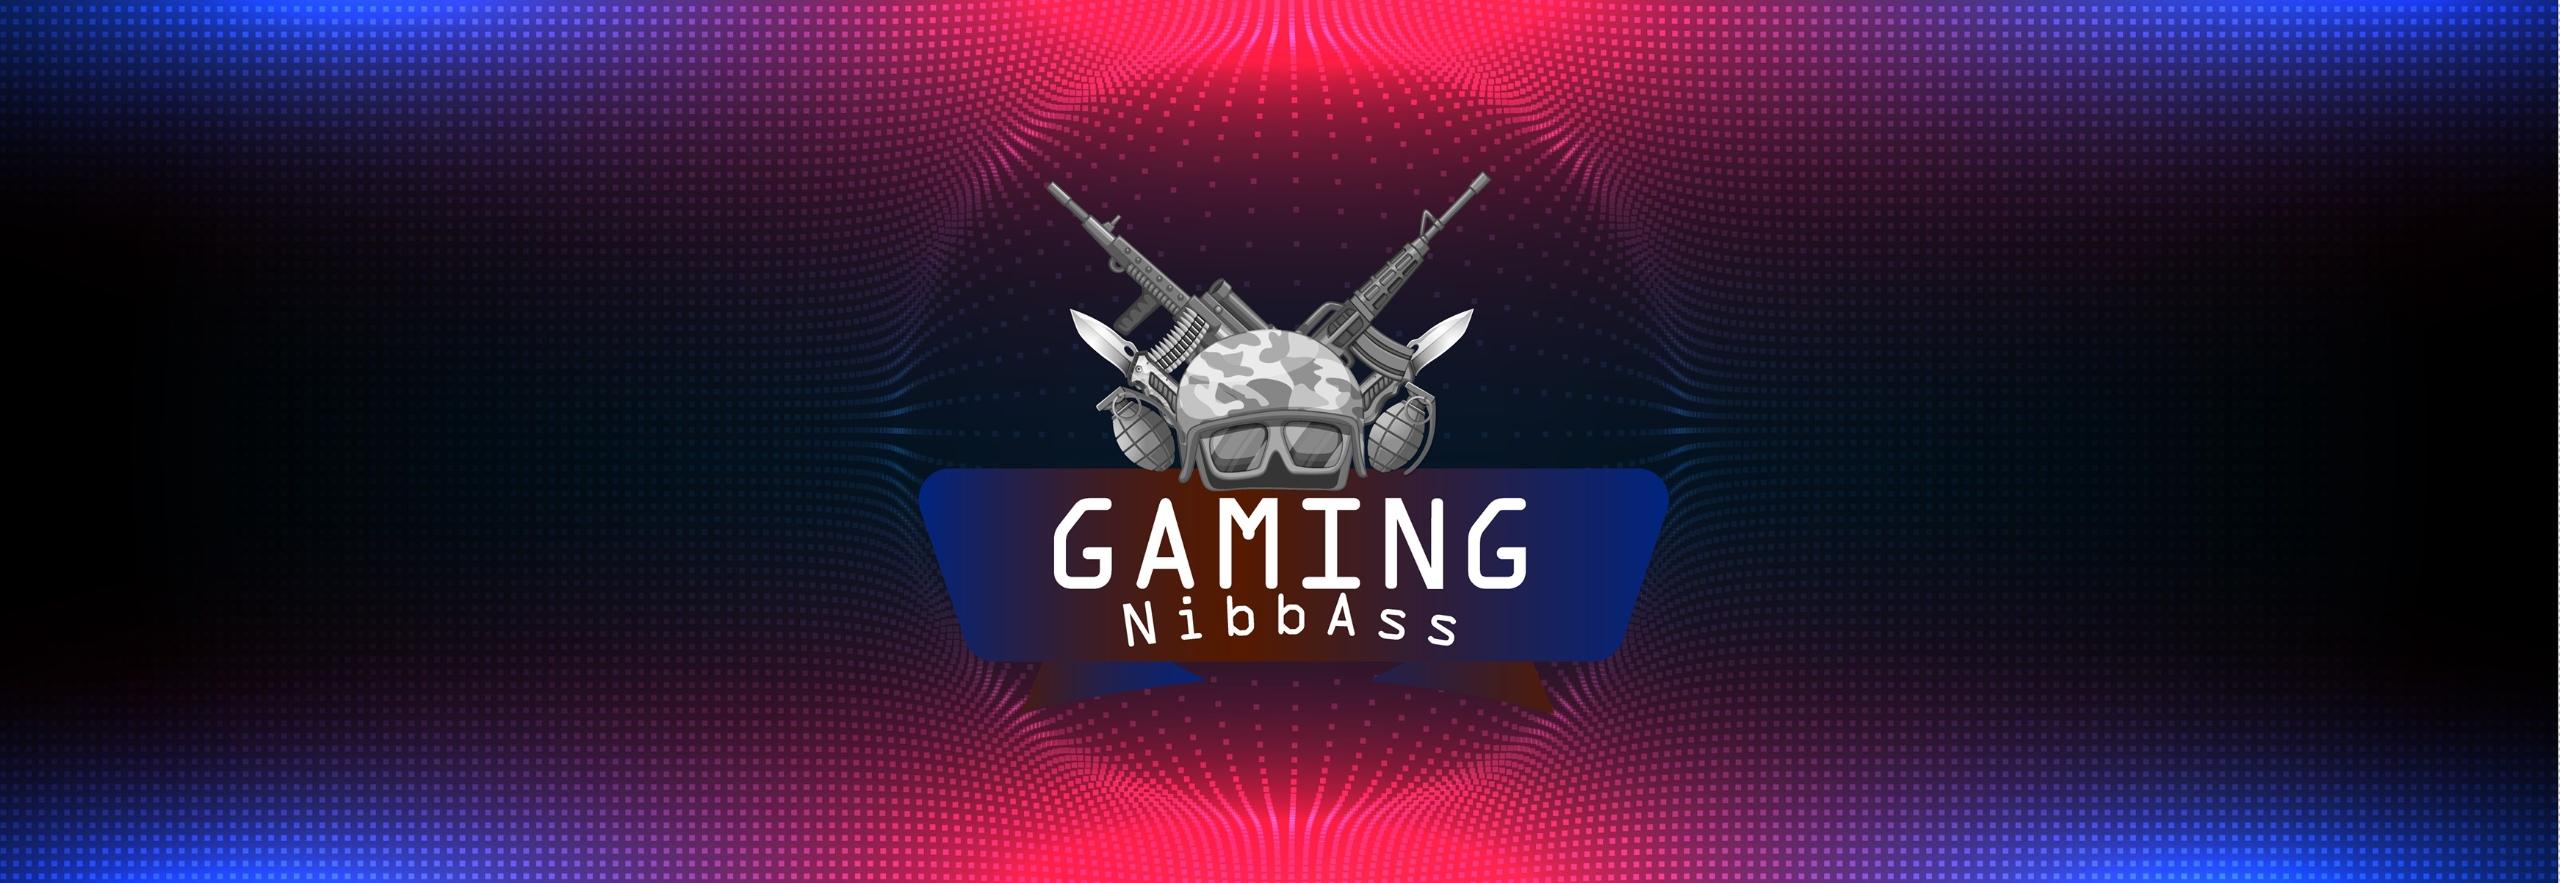 Gamingnibba.com (@gamingnibba) Cover Image